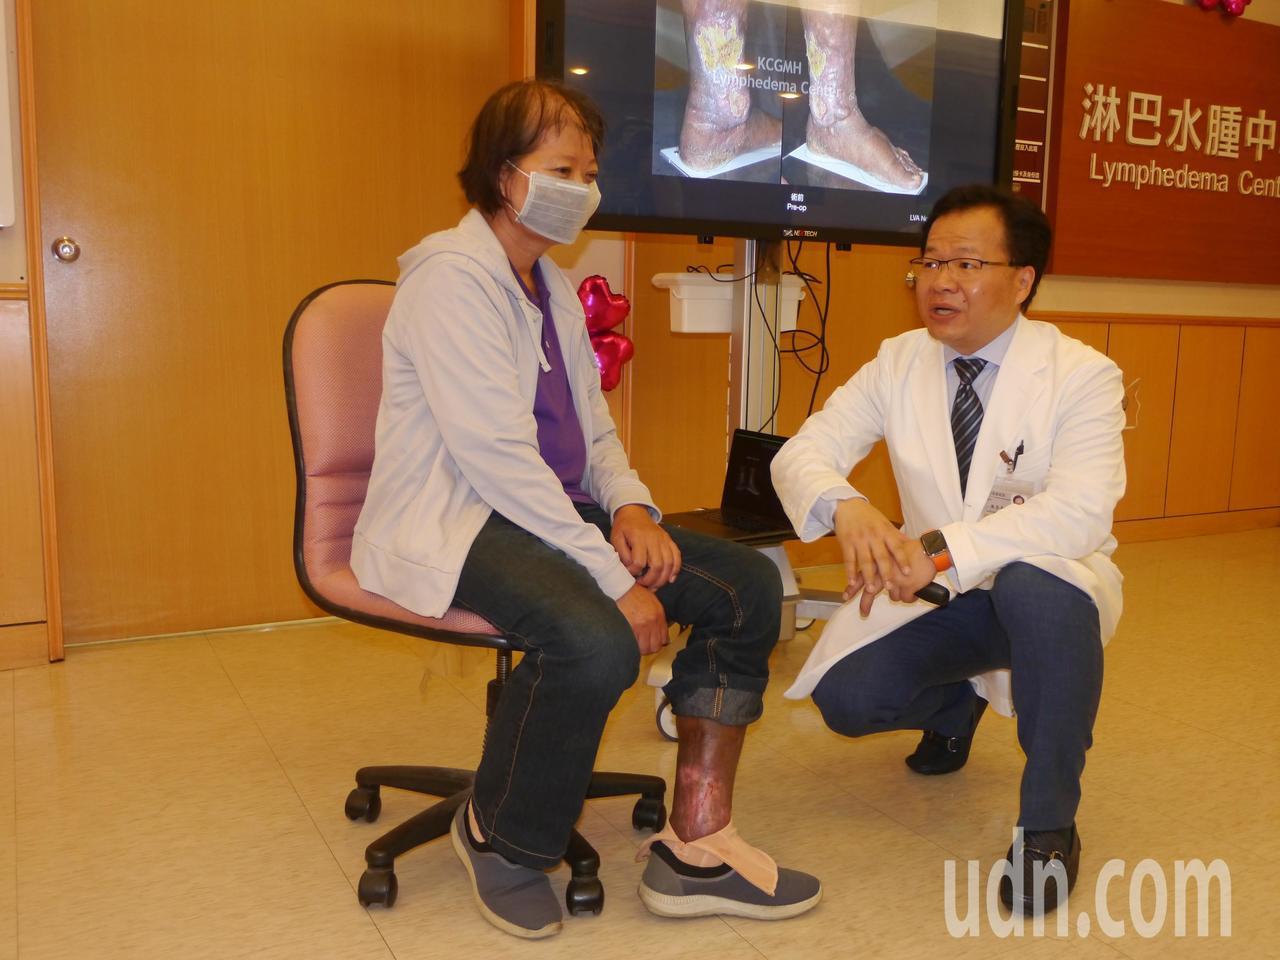 梁姓病友的左小腿在5年前出現淋巴水腫,今年2月接受手術。記者徐白櫻/攝影